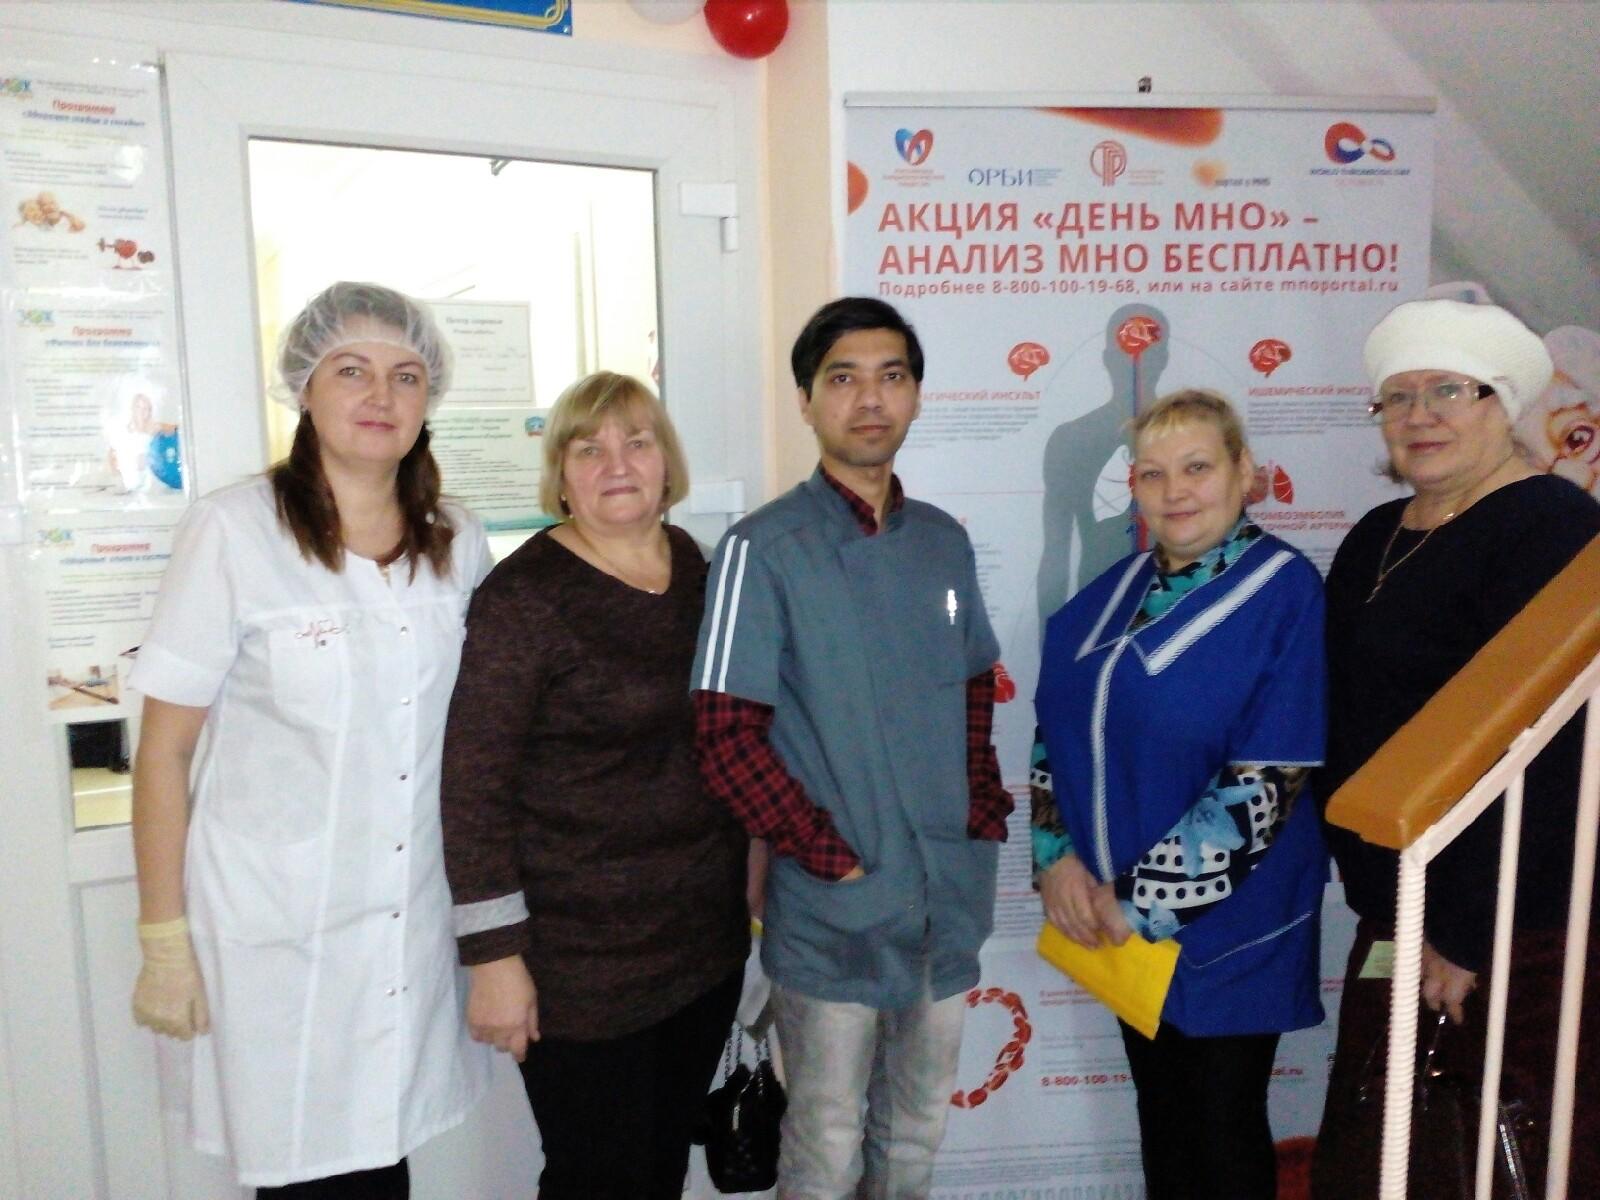 С коллективом врач из Индии сдружился. Вместе с коллегами они проводят для горожан акции здоровья<br>